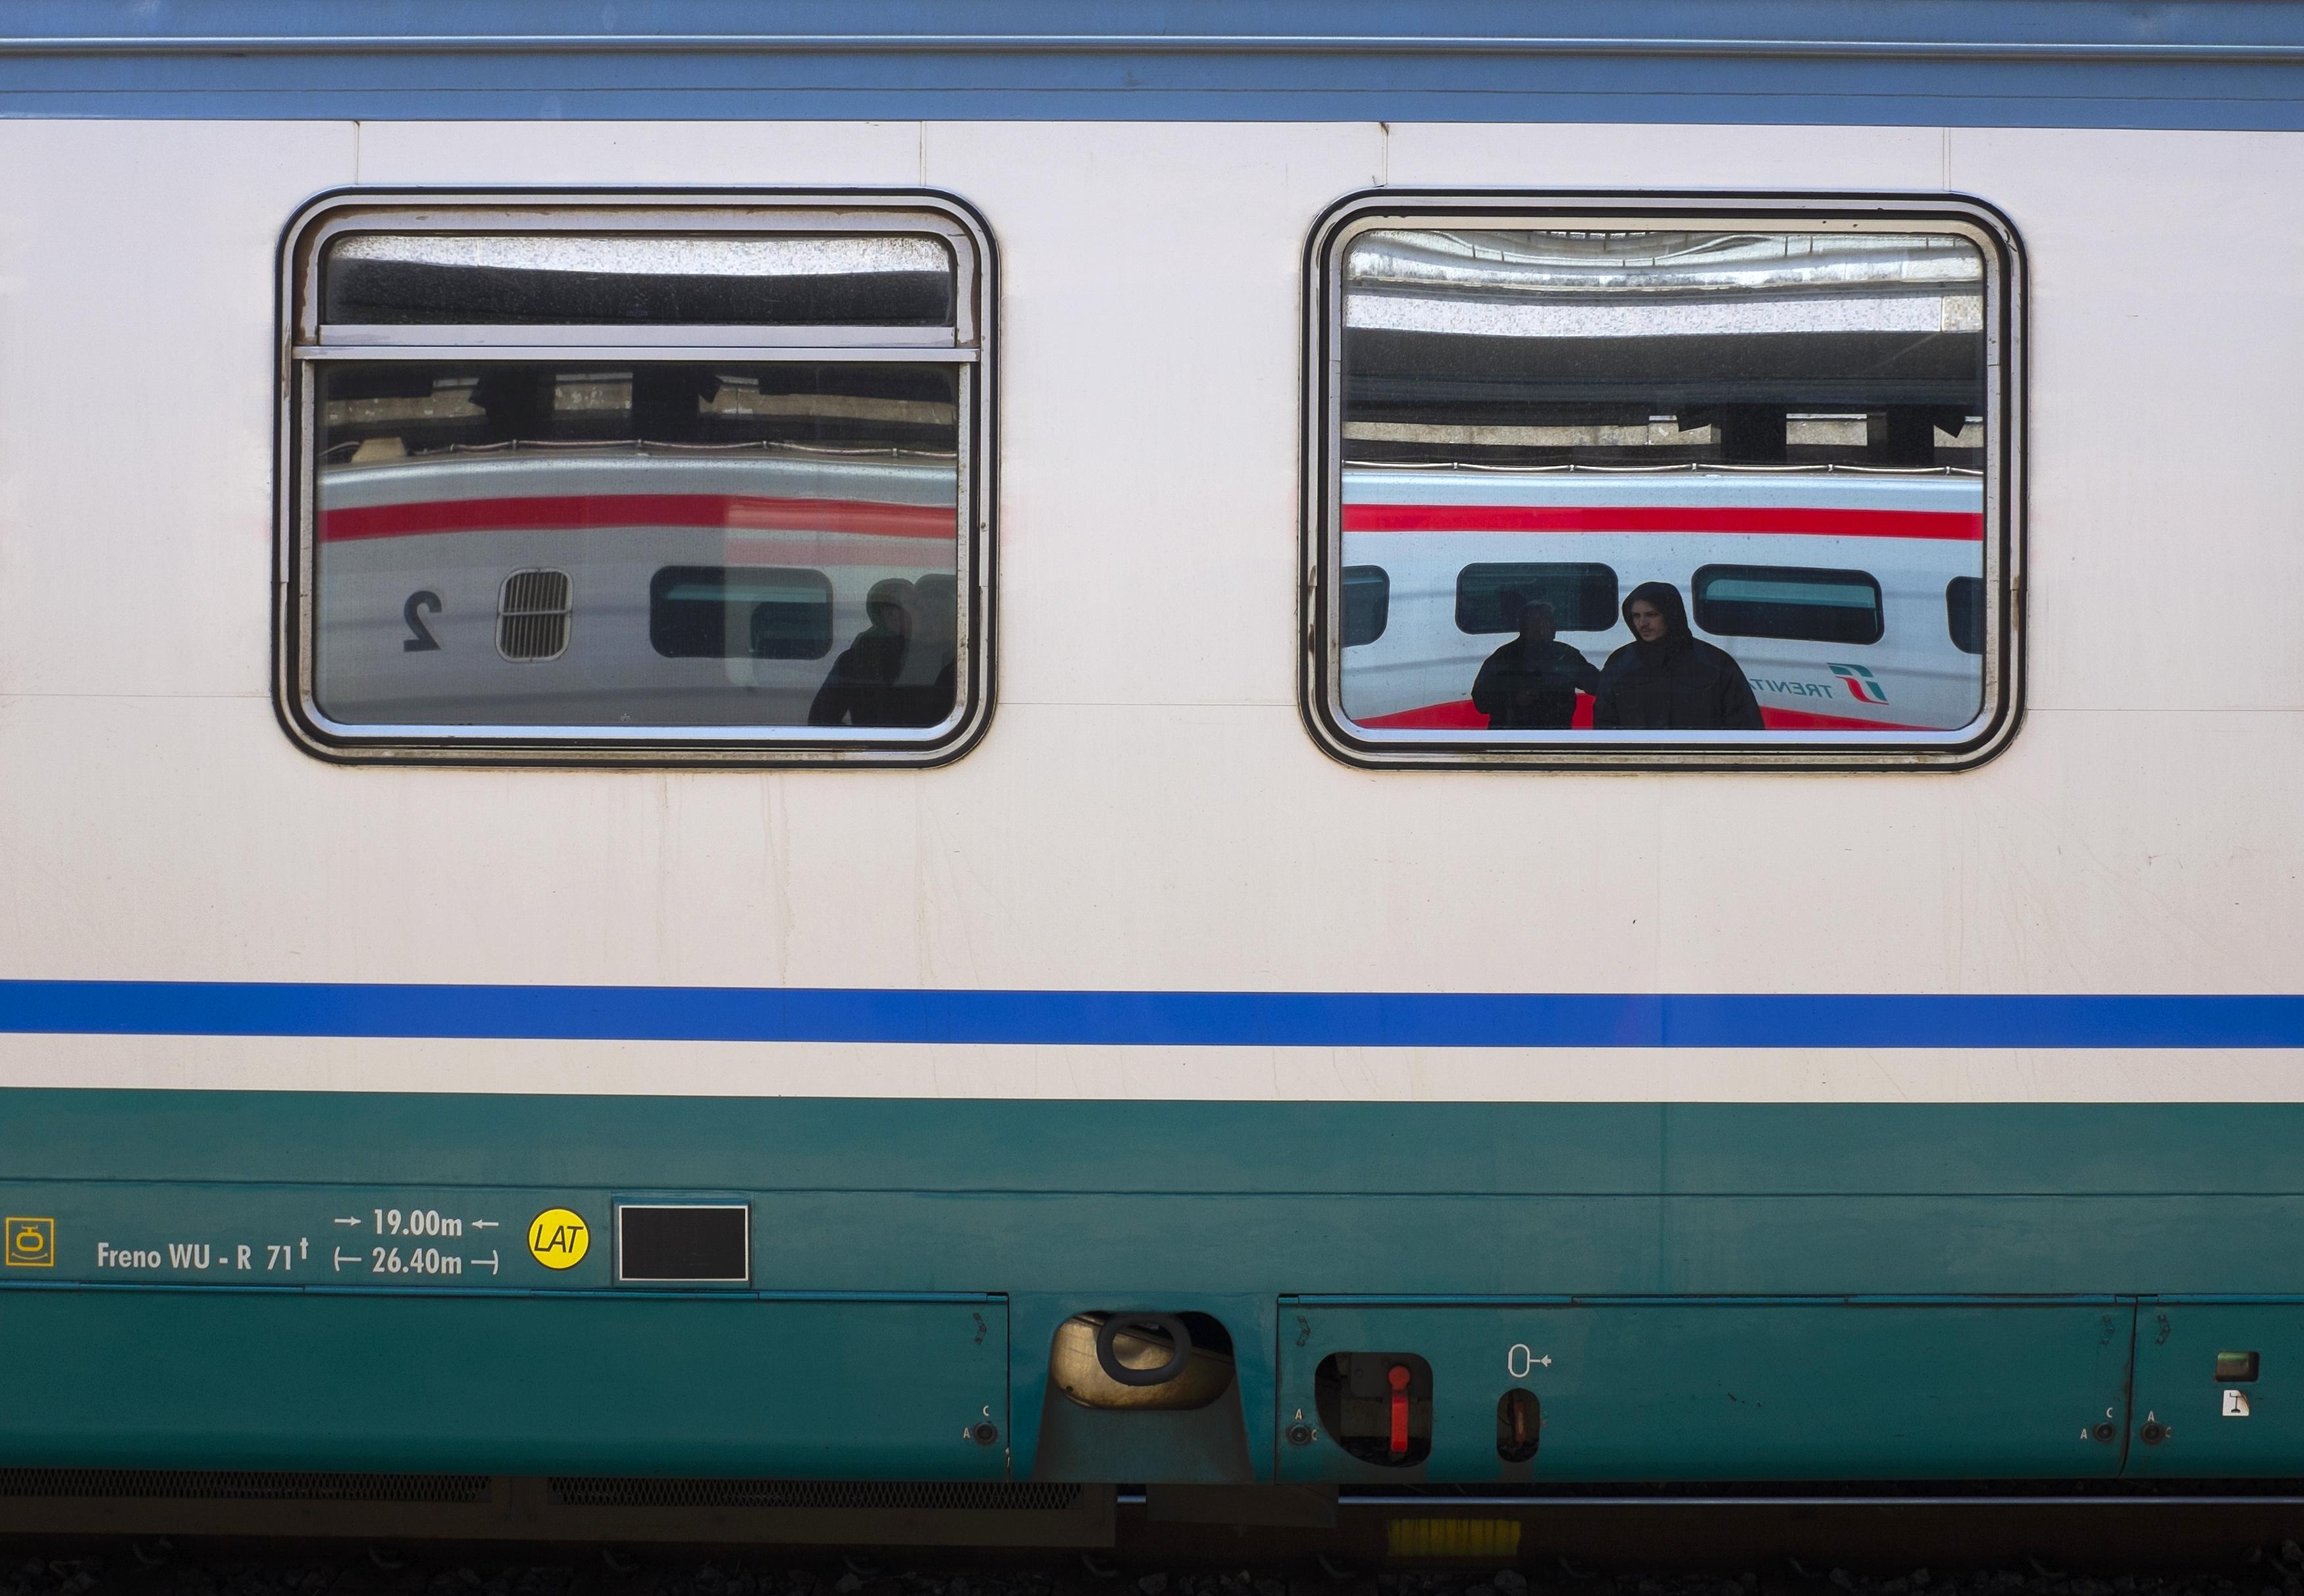 Ιταλία: Εφηβος σκοτώθηκε βγάζοντας selfie με τρένο εν κινήσει   tovima.gr